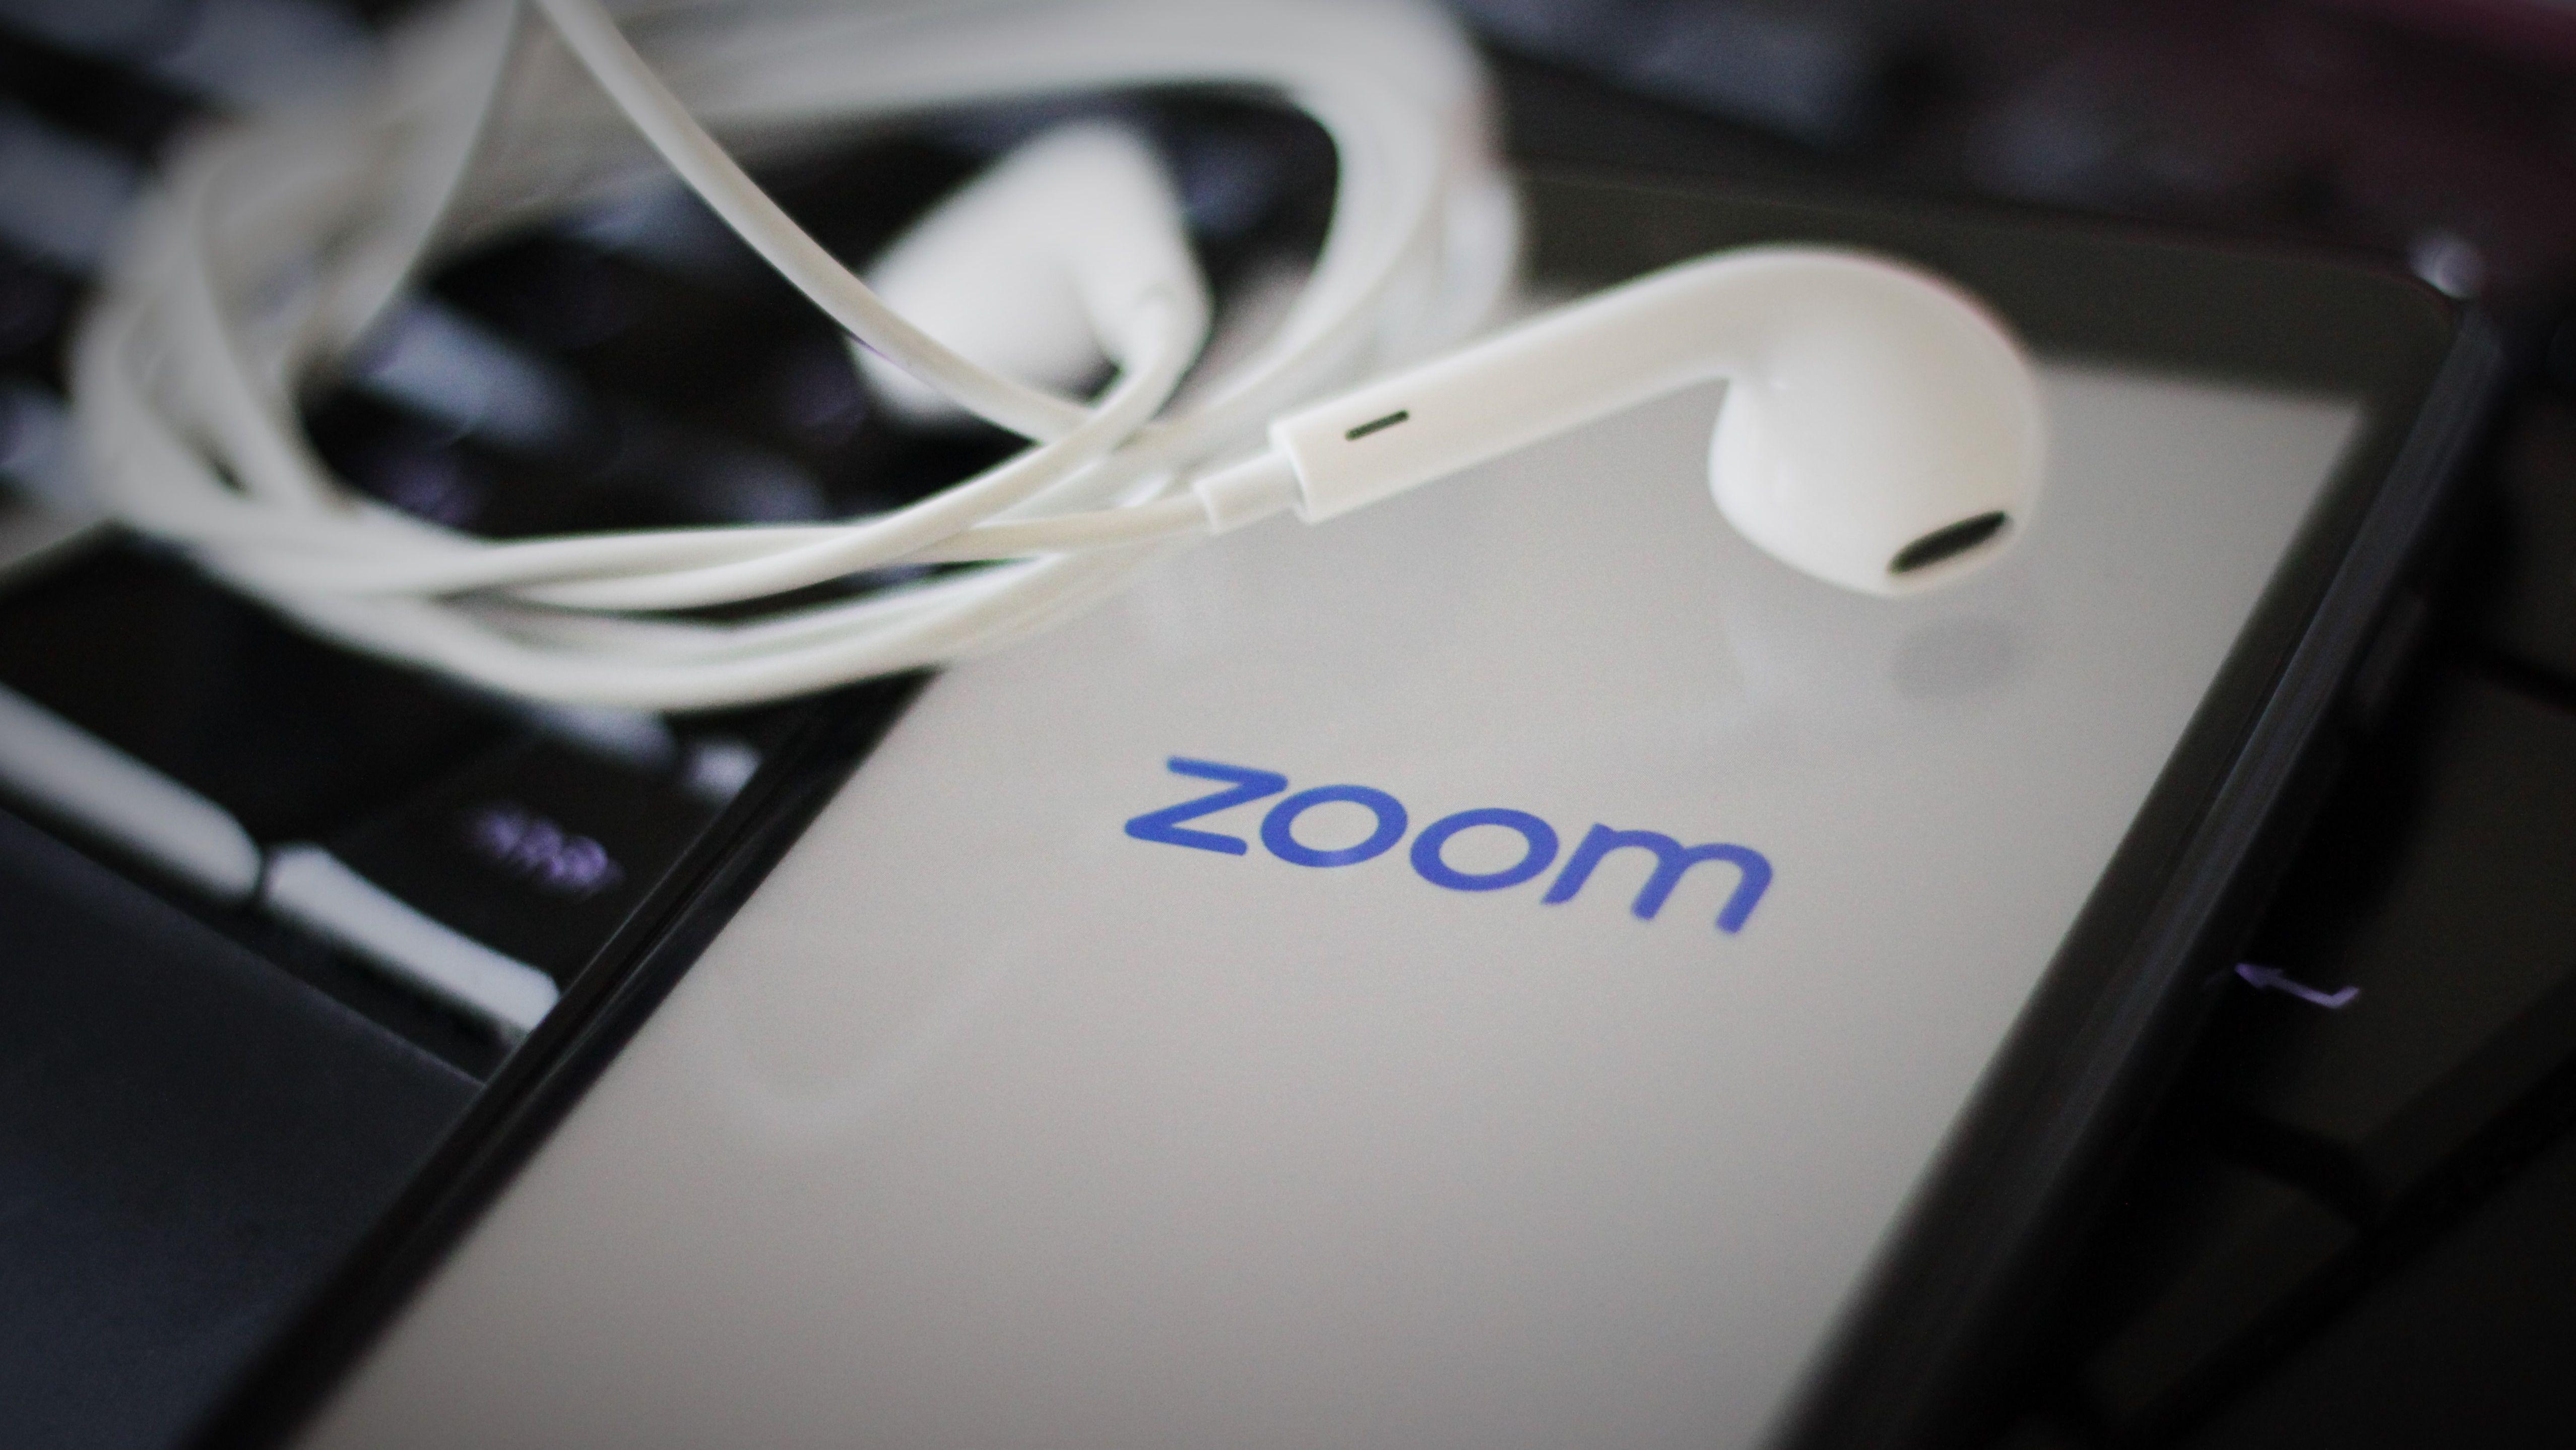 Zoom-App wird auf einem Smartphone geöffnet